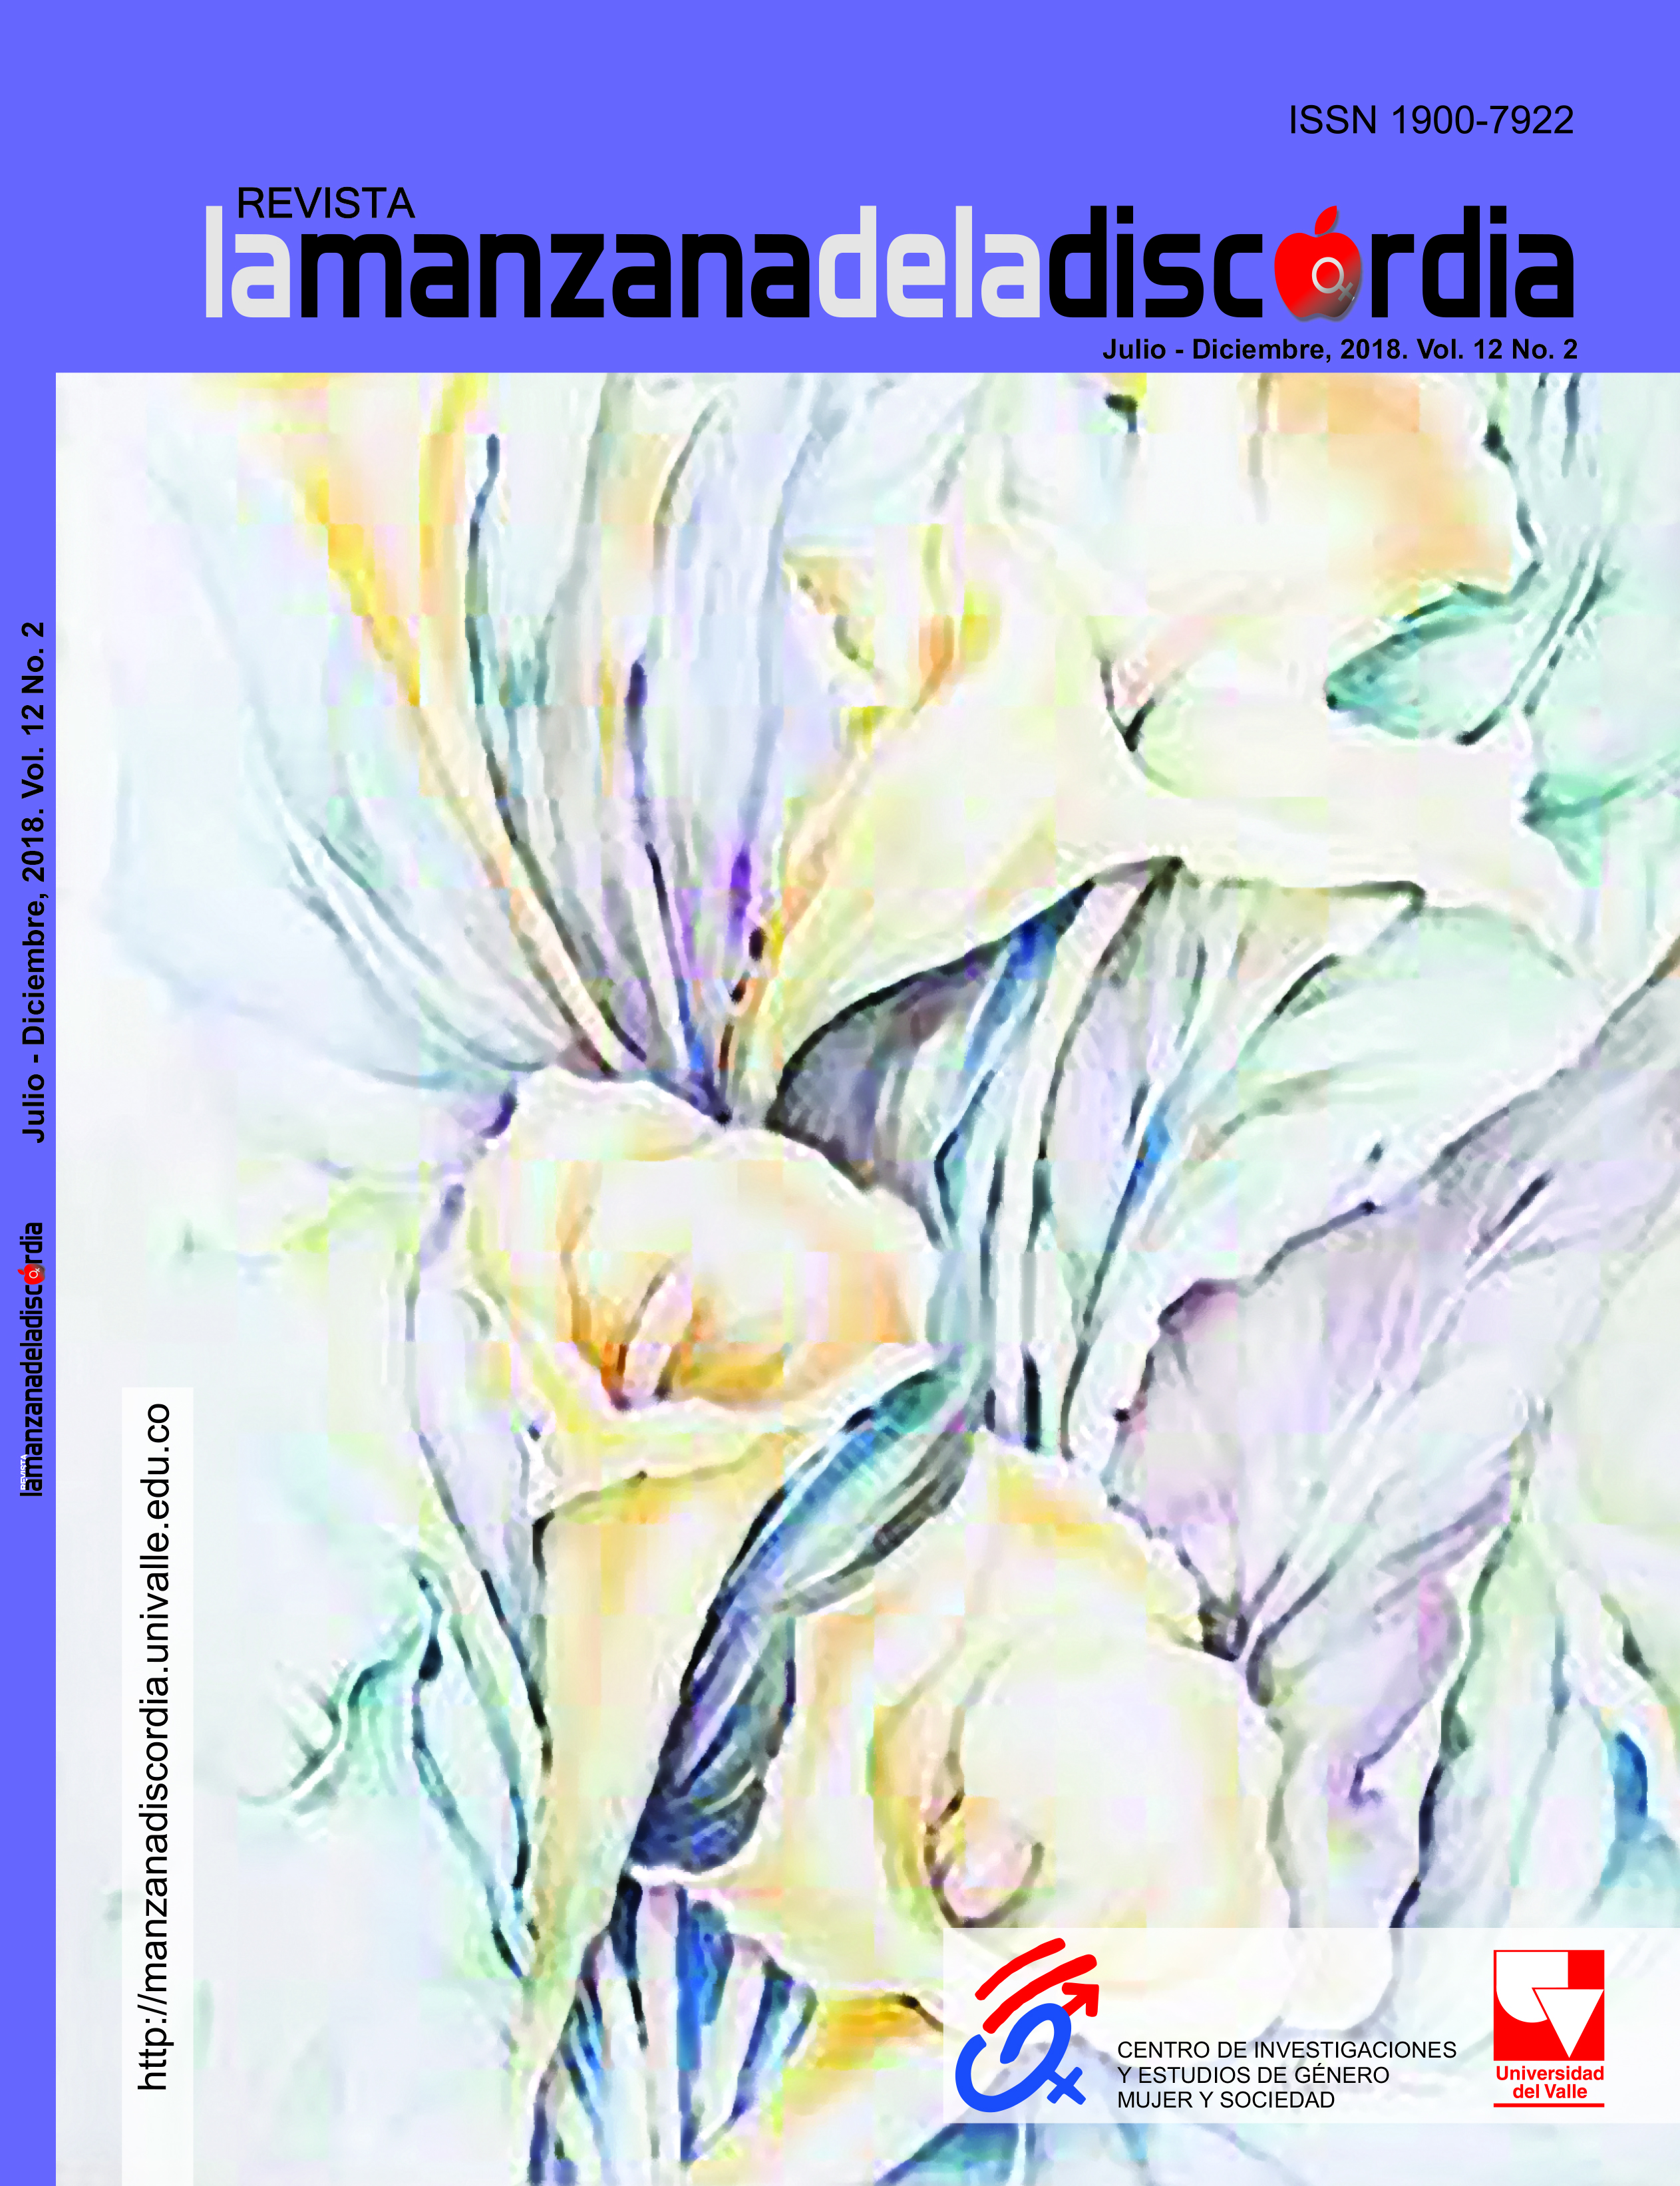 """Publicado el vol. 12, n. 2 (2017) de """"La manzana de la discordia""""."""